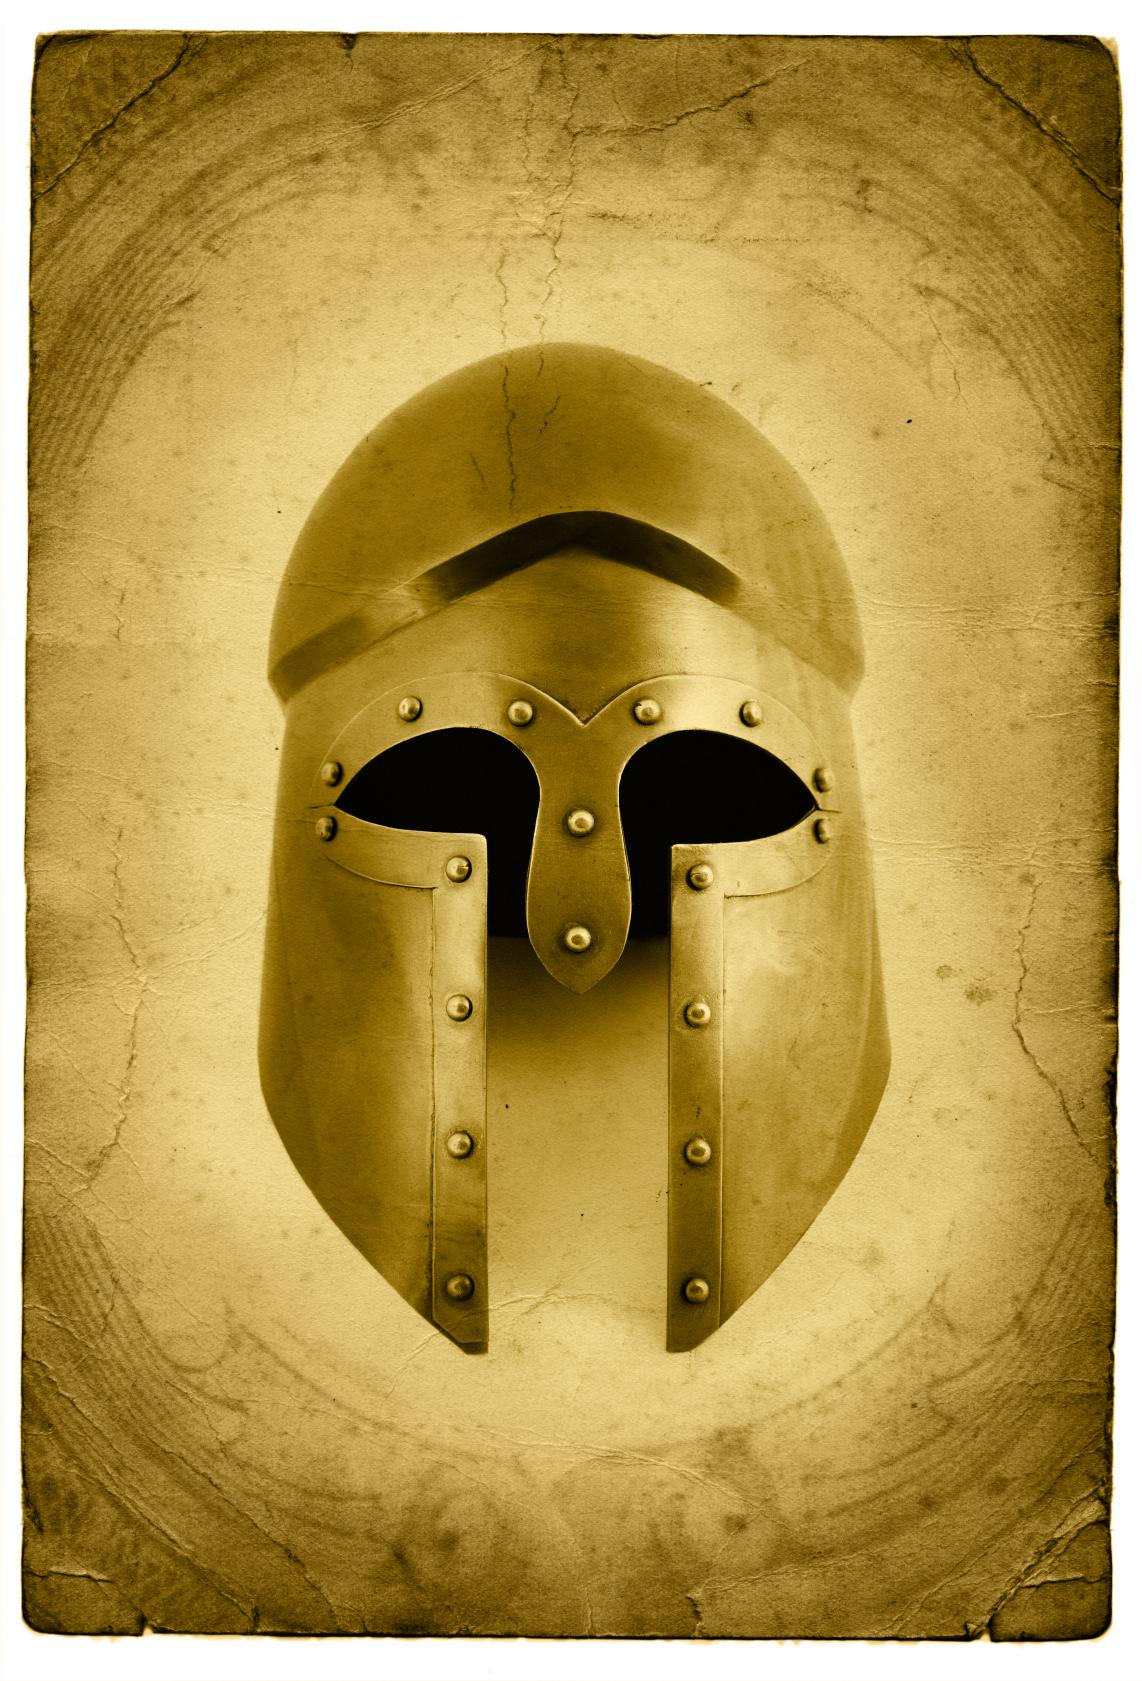 bronze age helmet